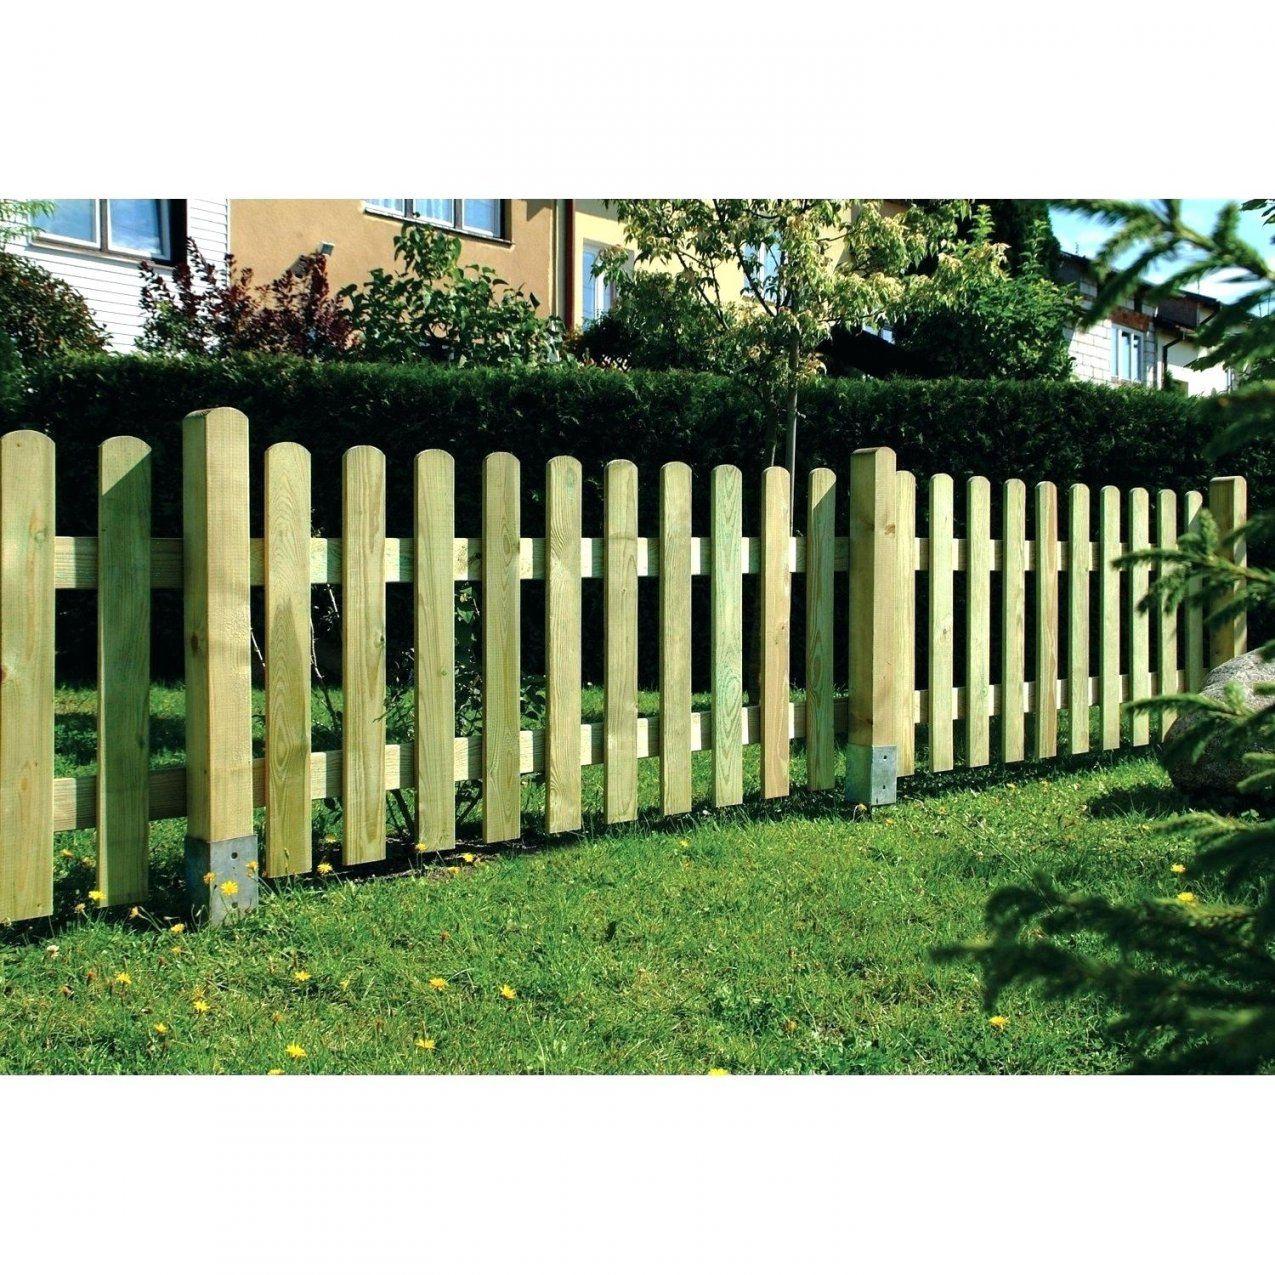 Gartenzaun Selber Machen Selbstbauzaun Fundament Zaun Aus Holz von Gartenzaun Selber Bauen Metall Bild